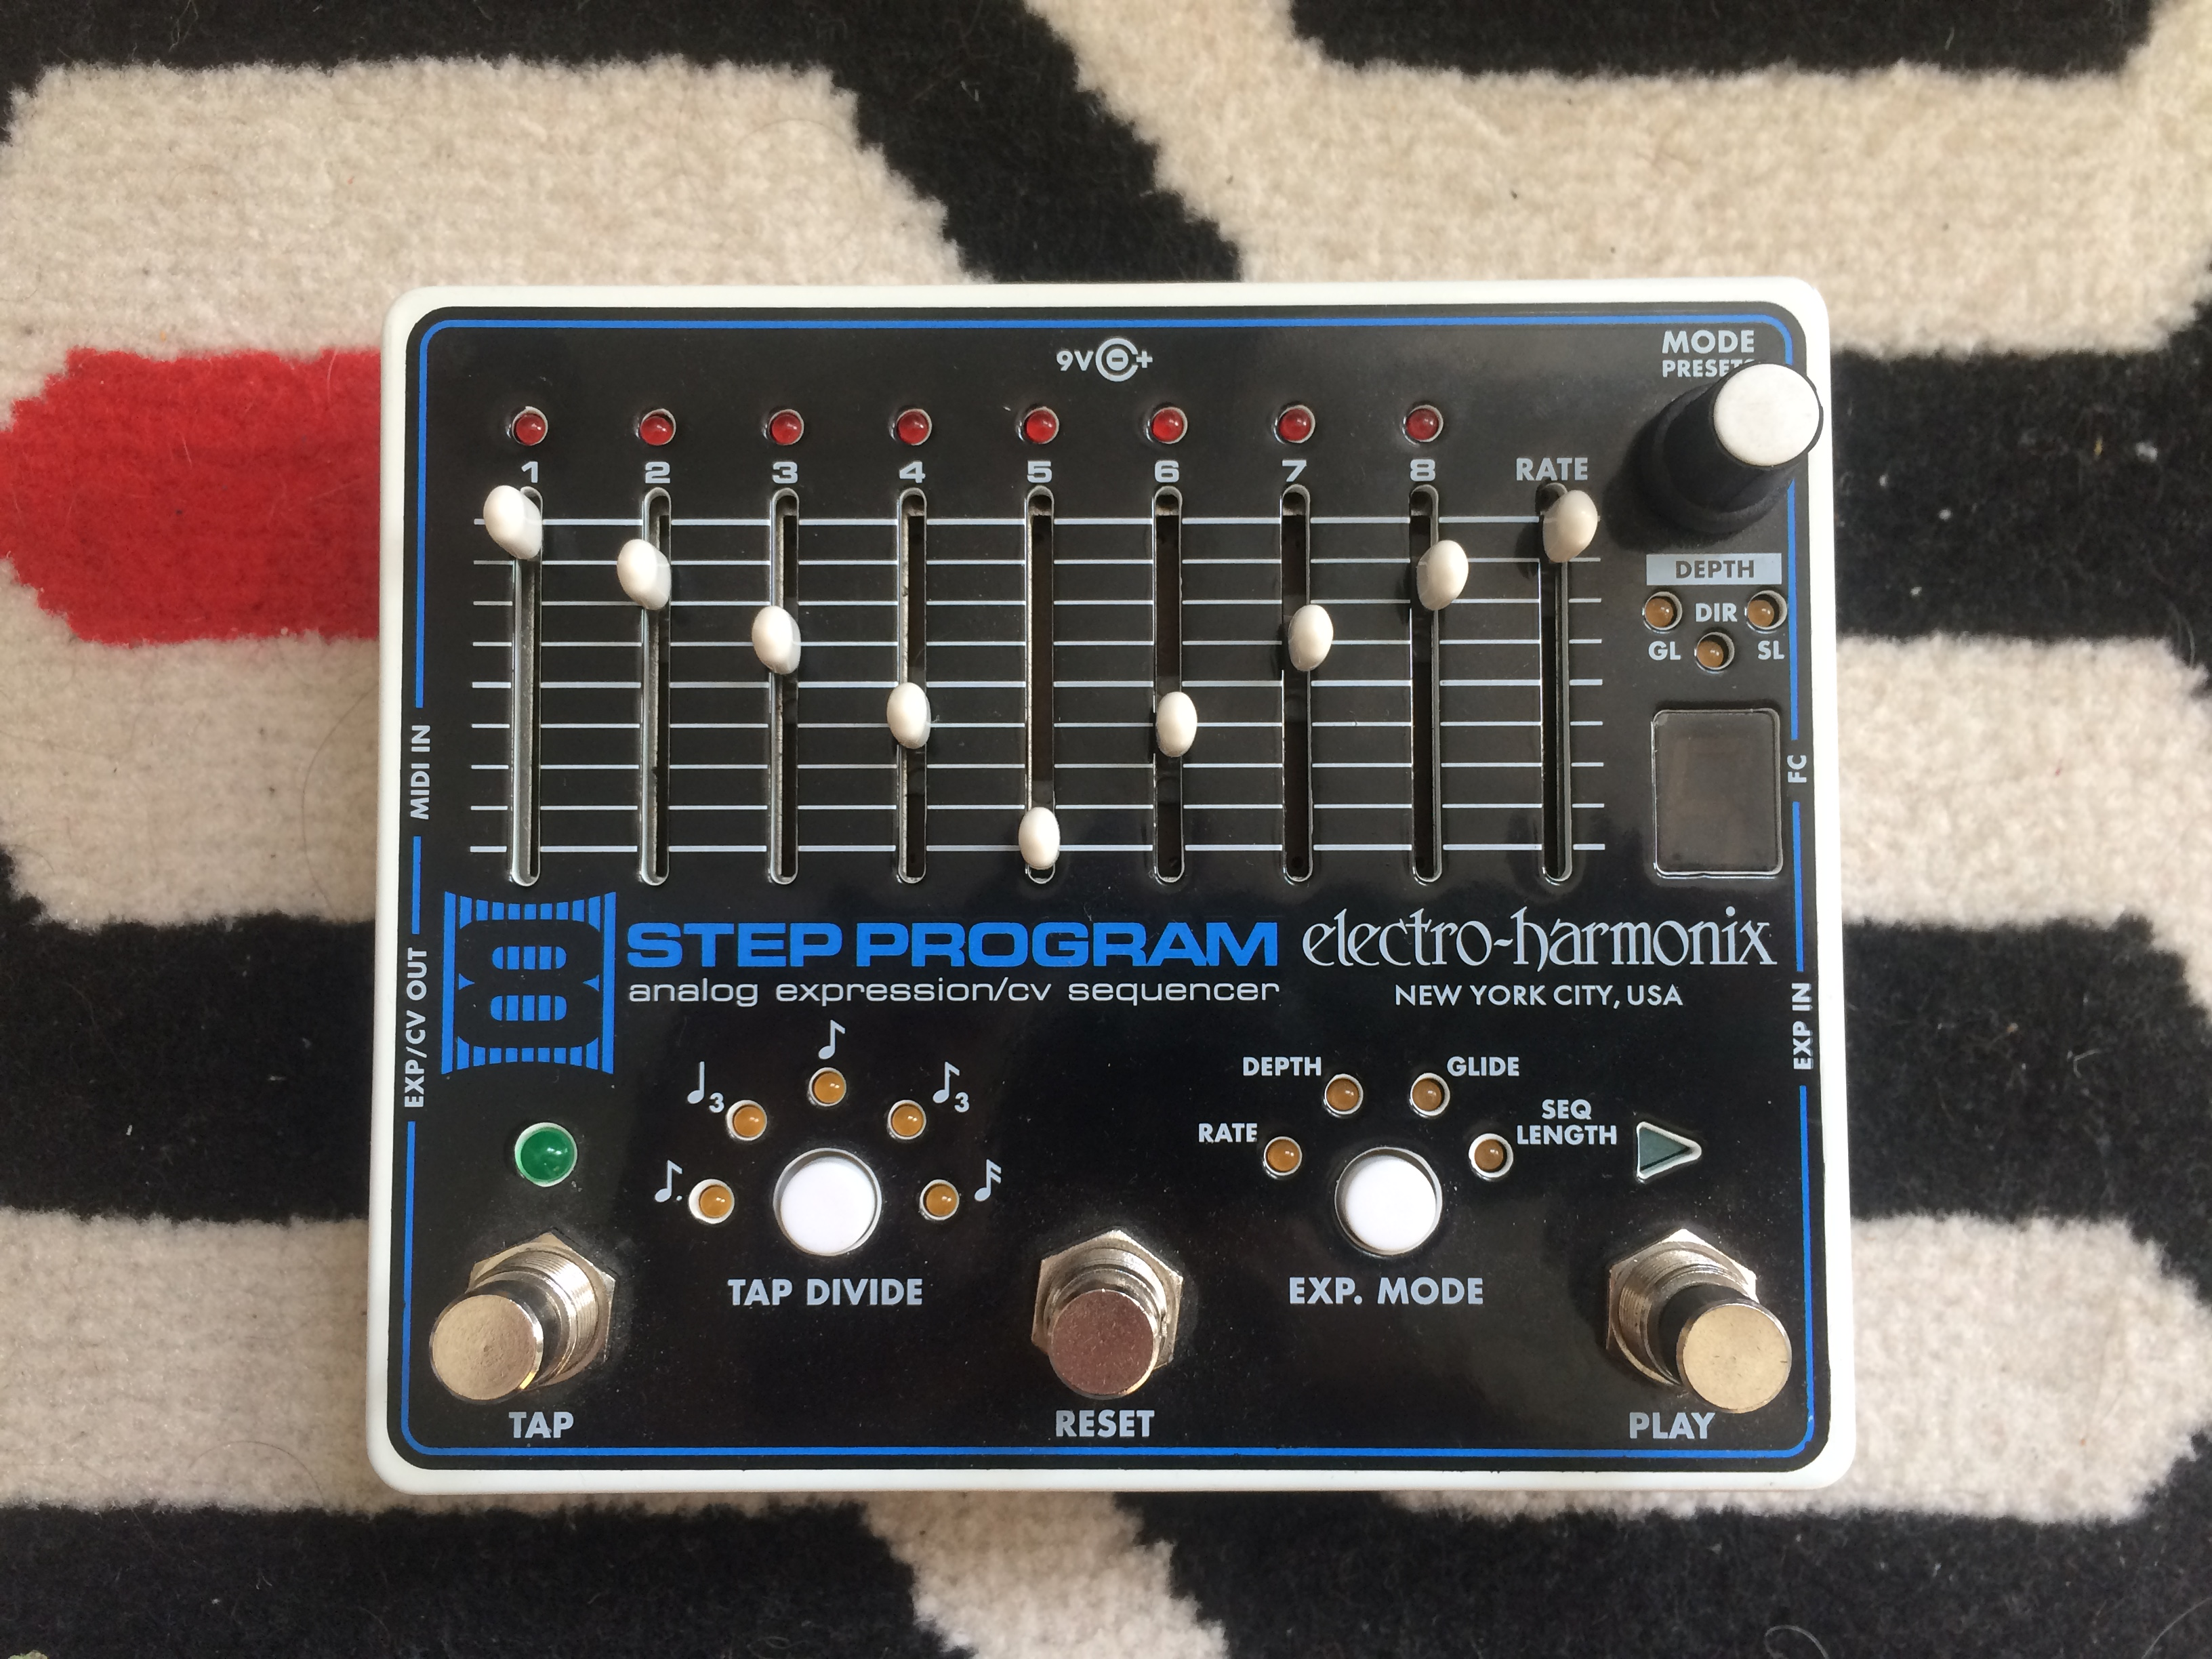 8-STEP PROGRAM - Electro-Harmonix